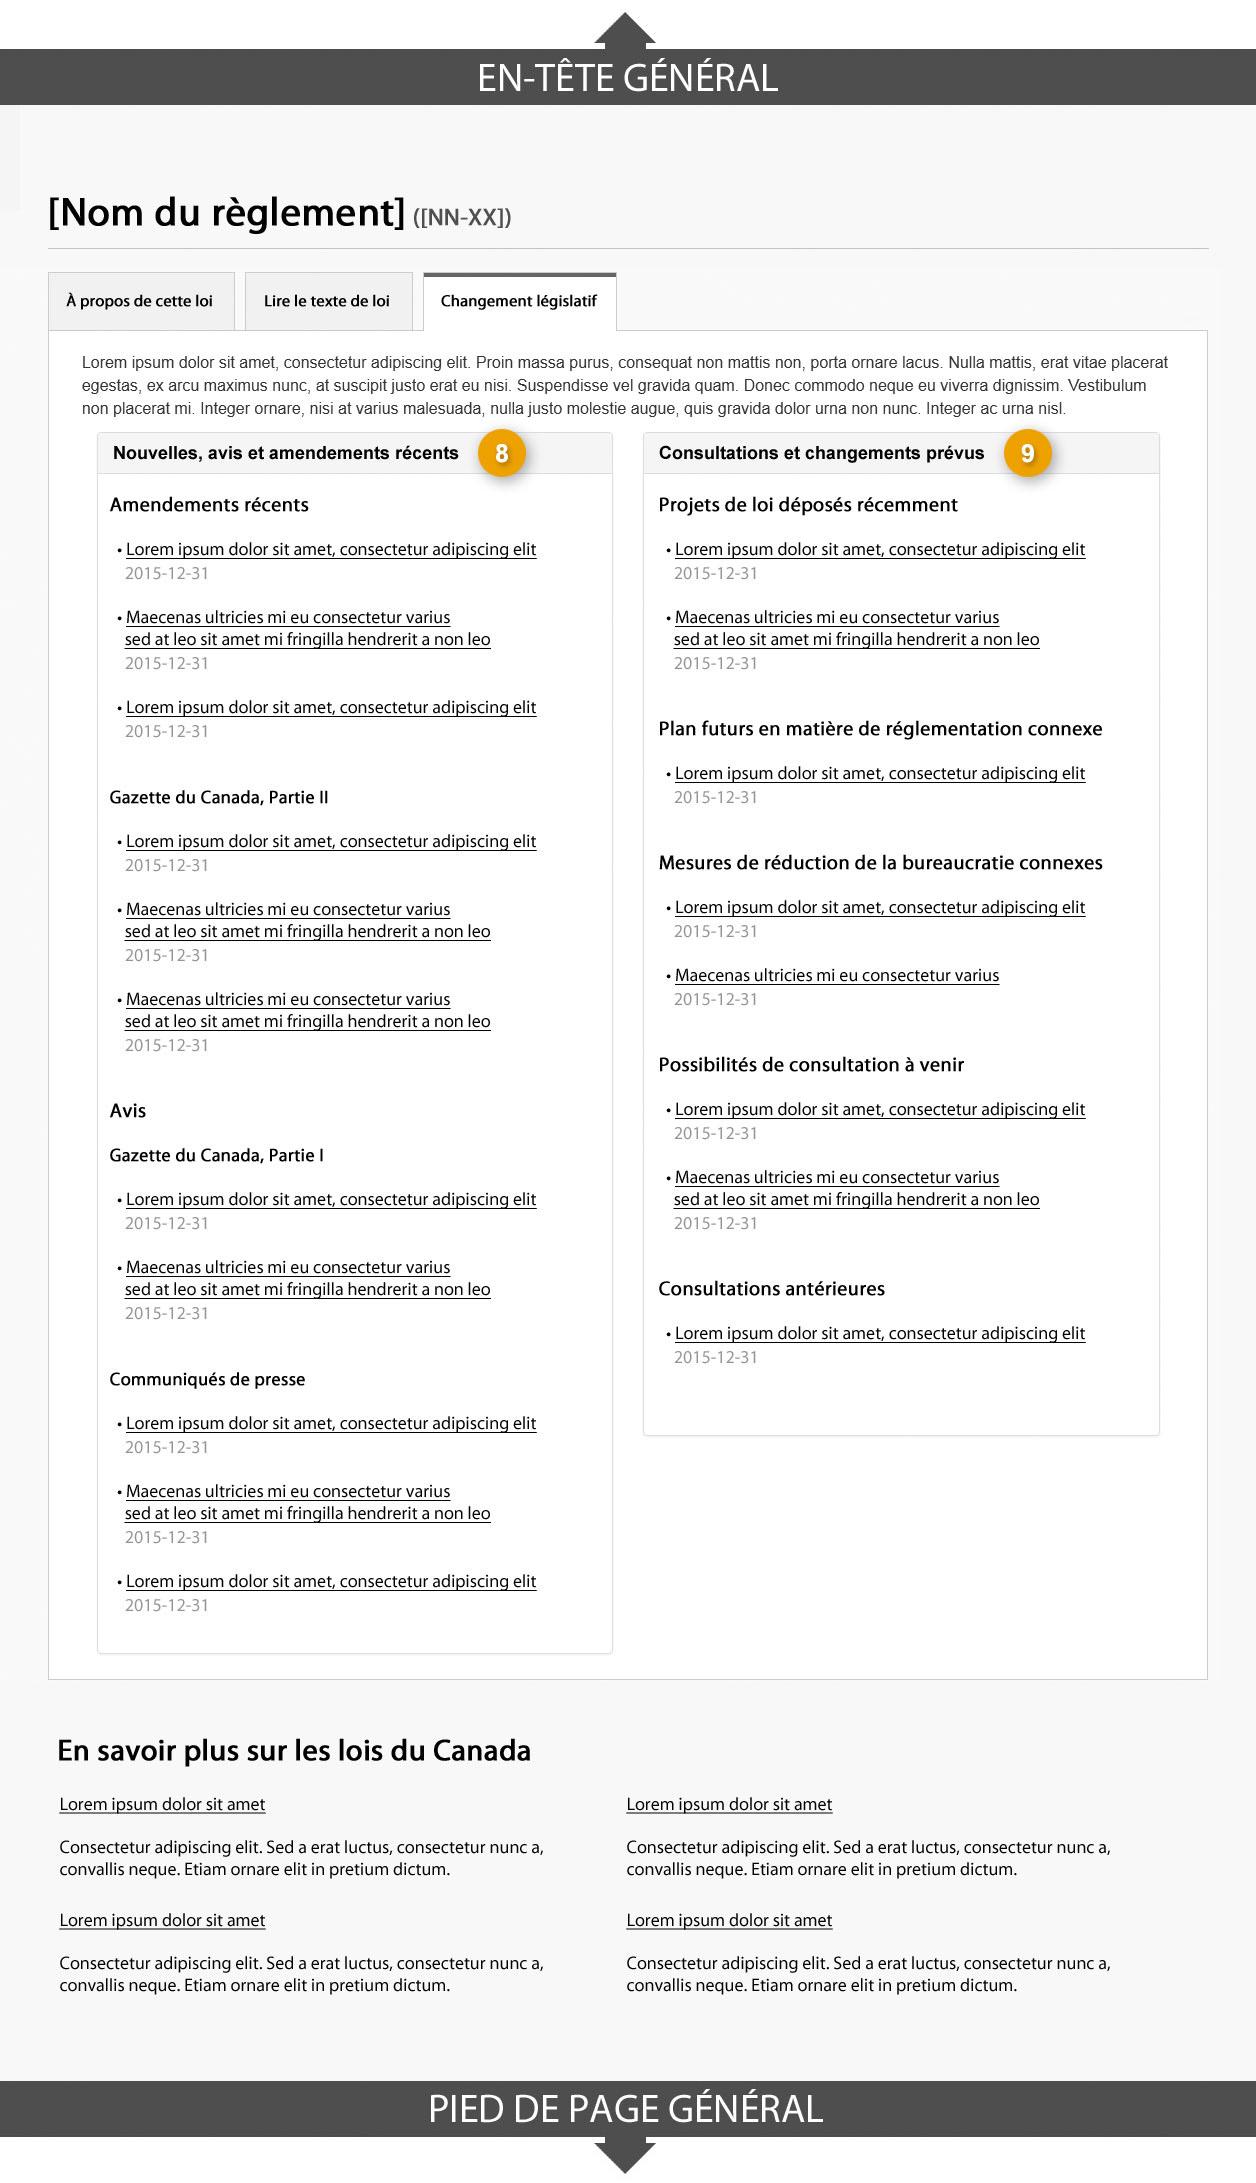 Modèle de page de profil des règlements affichant l'onglet «Changements législatifs». Lire de haut en bas et de gauche à droite. Plus de détails au sujet de ce graphique se retrouvent dans le texte entourant l'image.